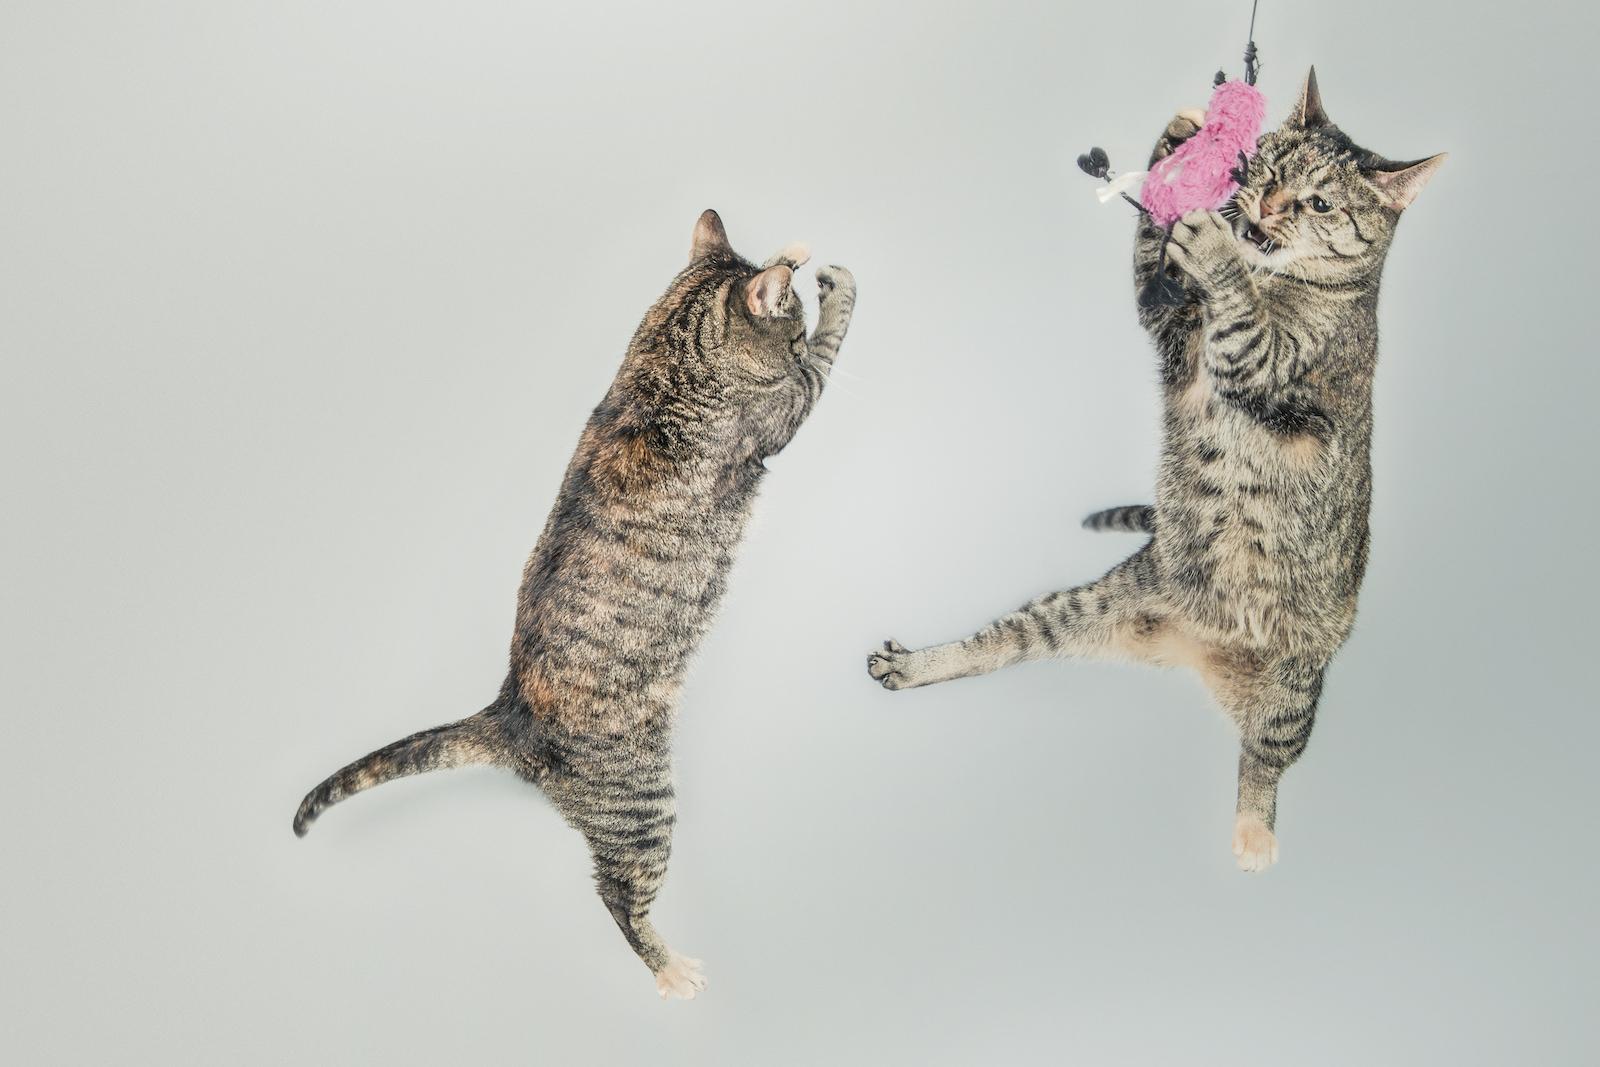 猫の里親募集サイトで保護猫を探す方法